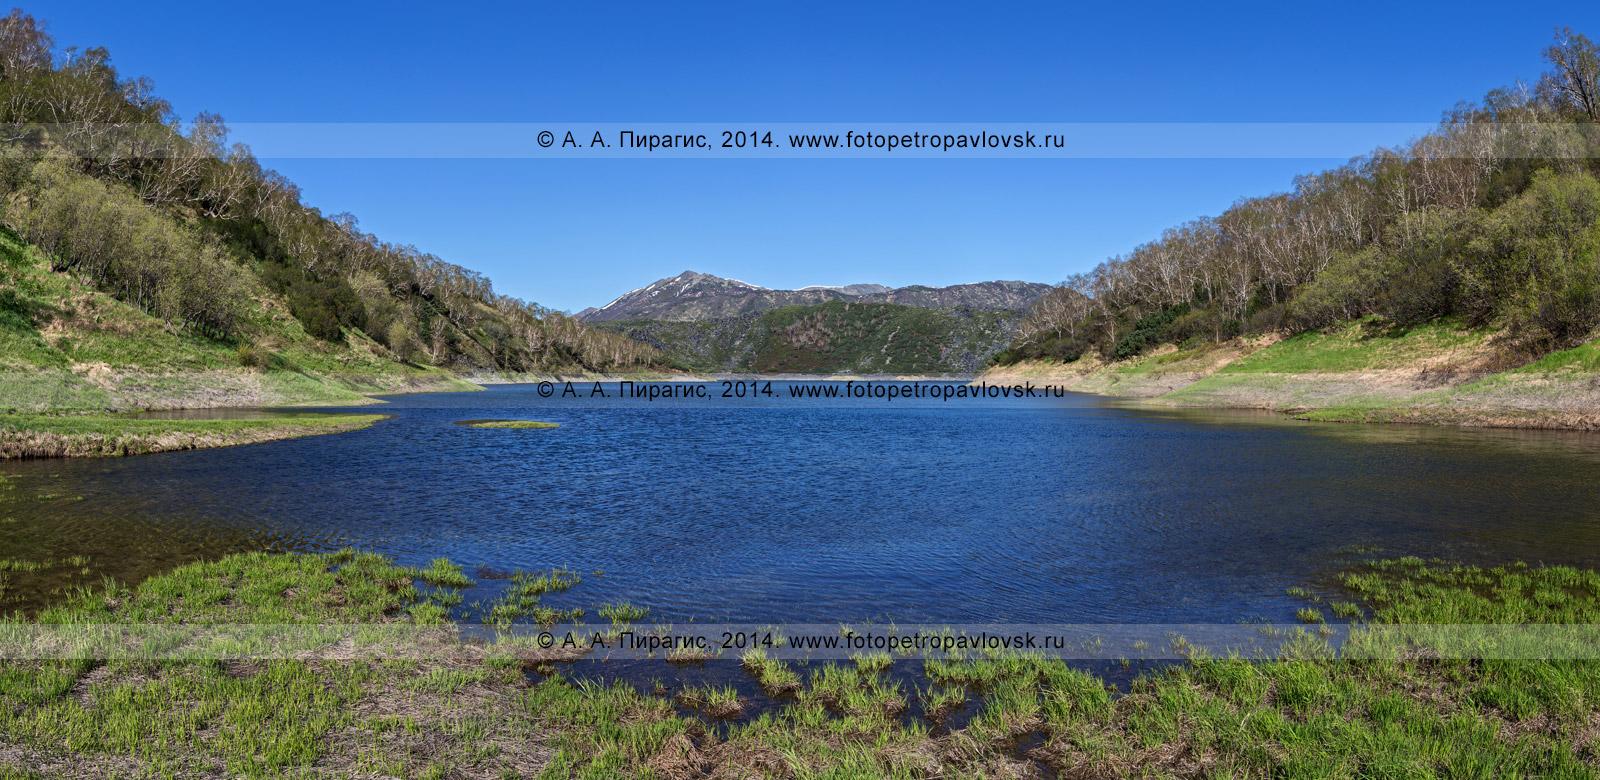 Фотография: панорама озера Ангре. Камчатка, Срединный хребет